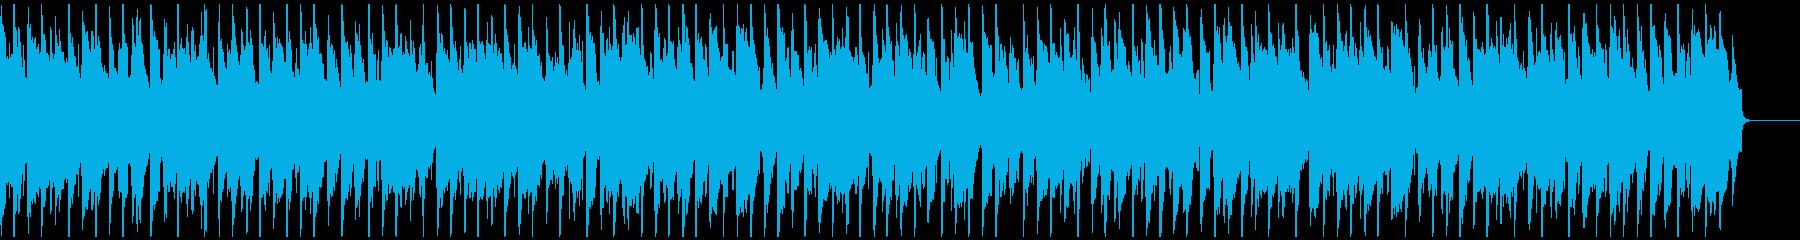 表彰式にヘンデルのアレンジ リコーダーの再生済みの波形